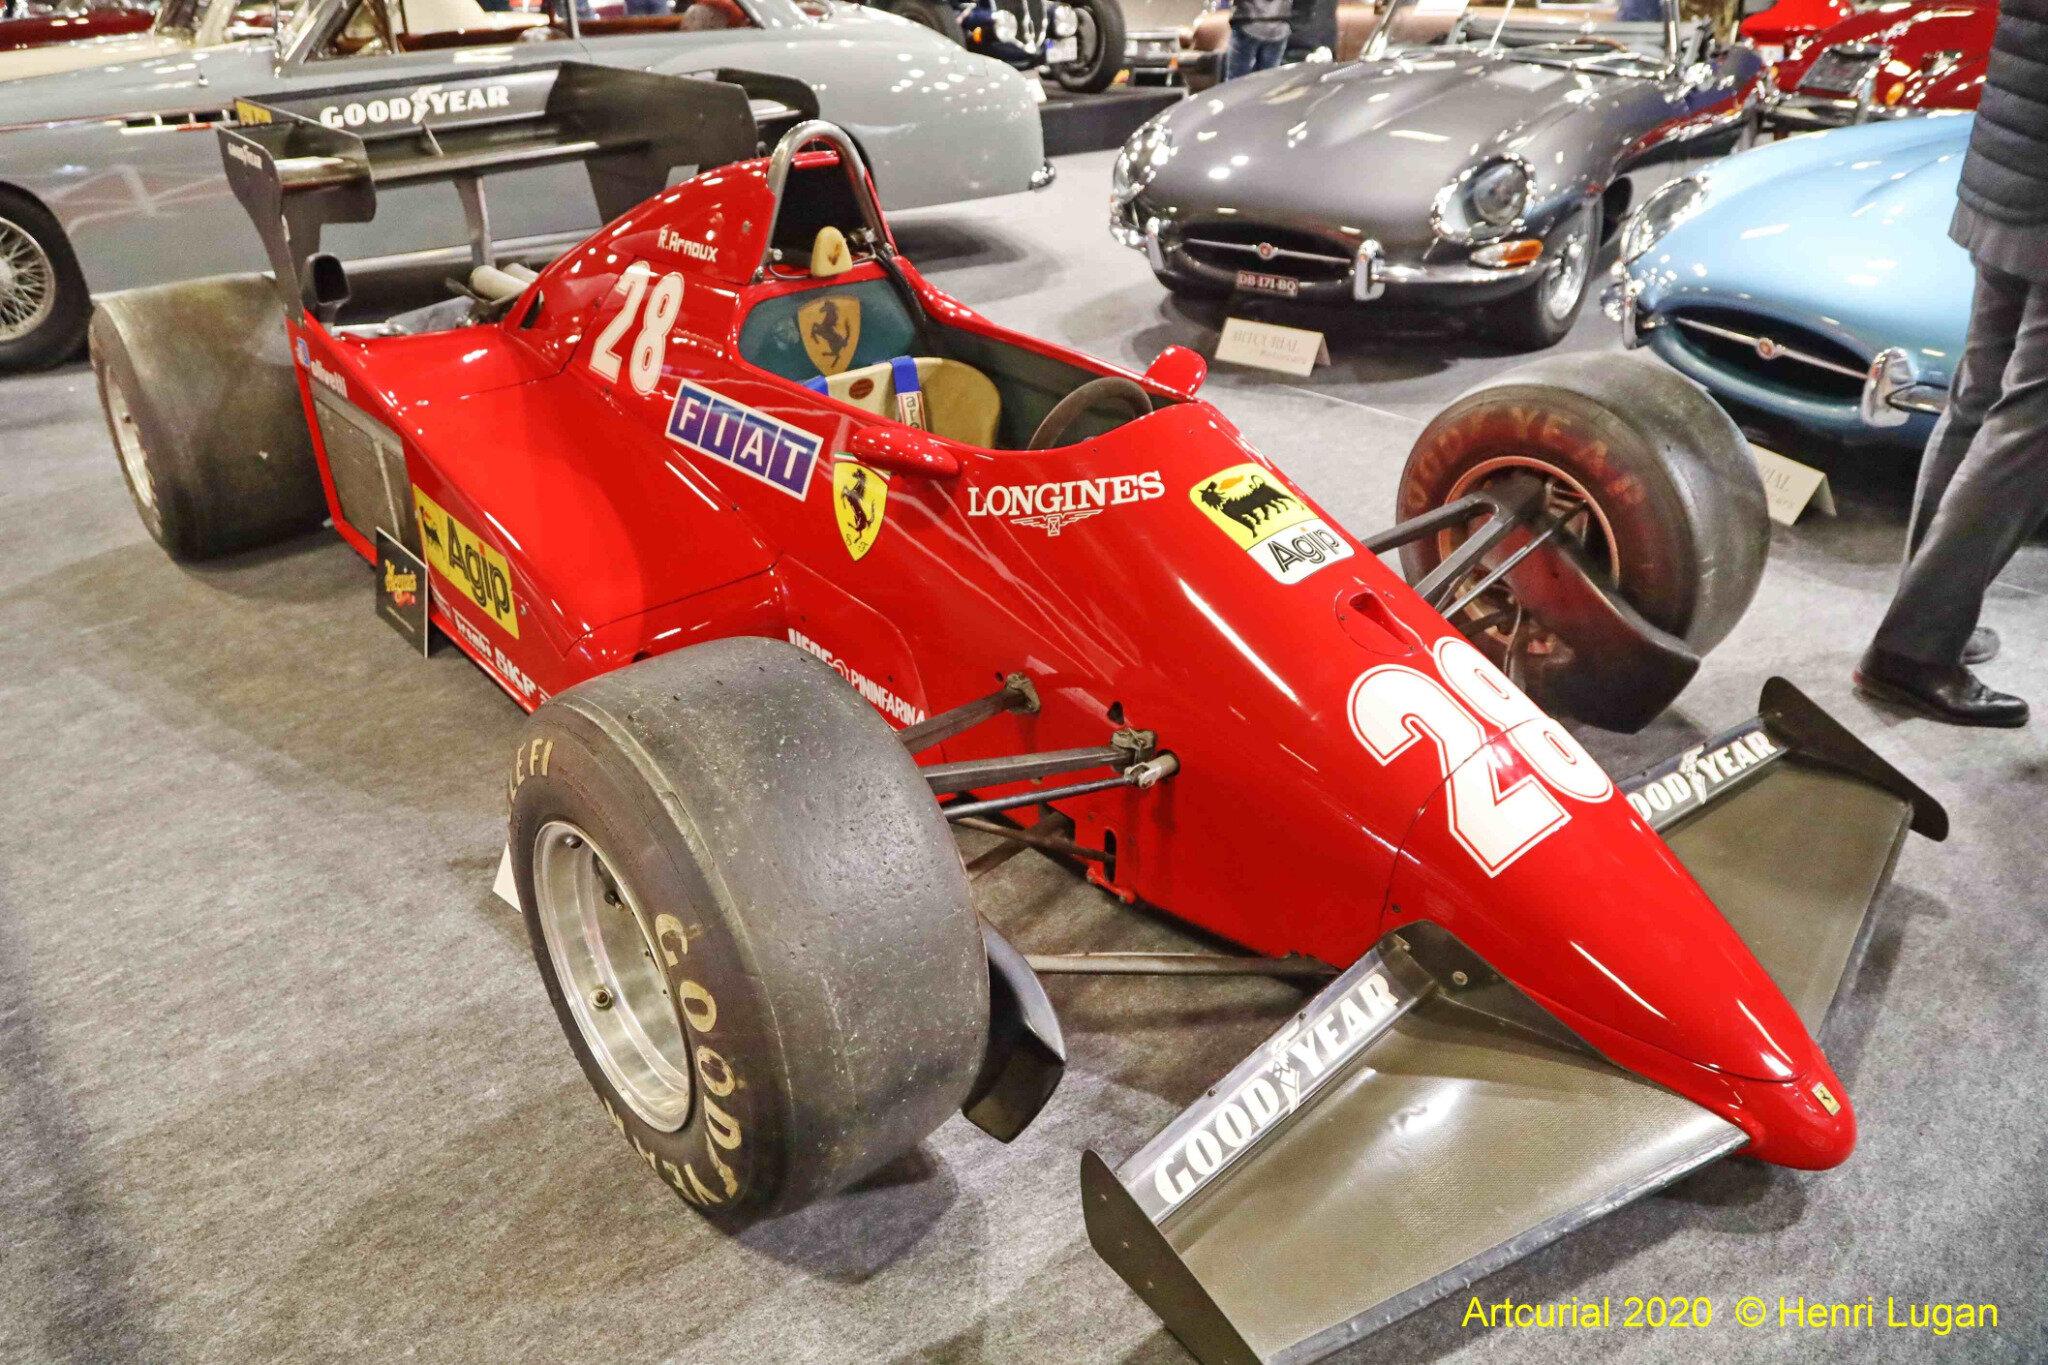 1983 - Ferrari 126 C3 #068_01 HL_GF